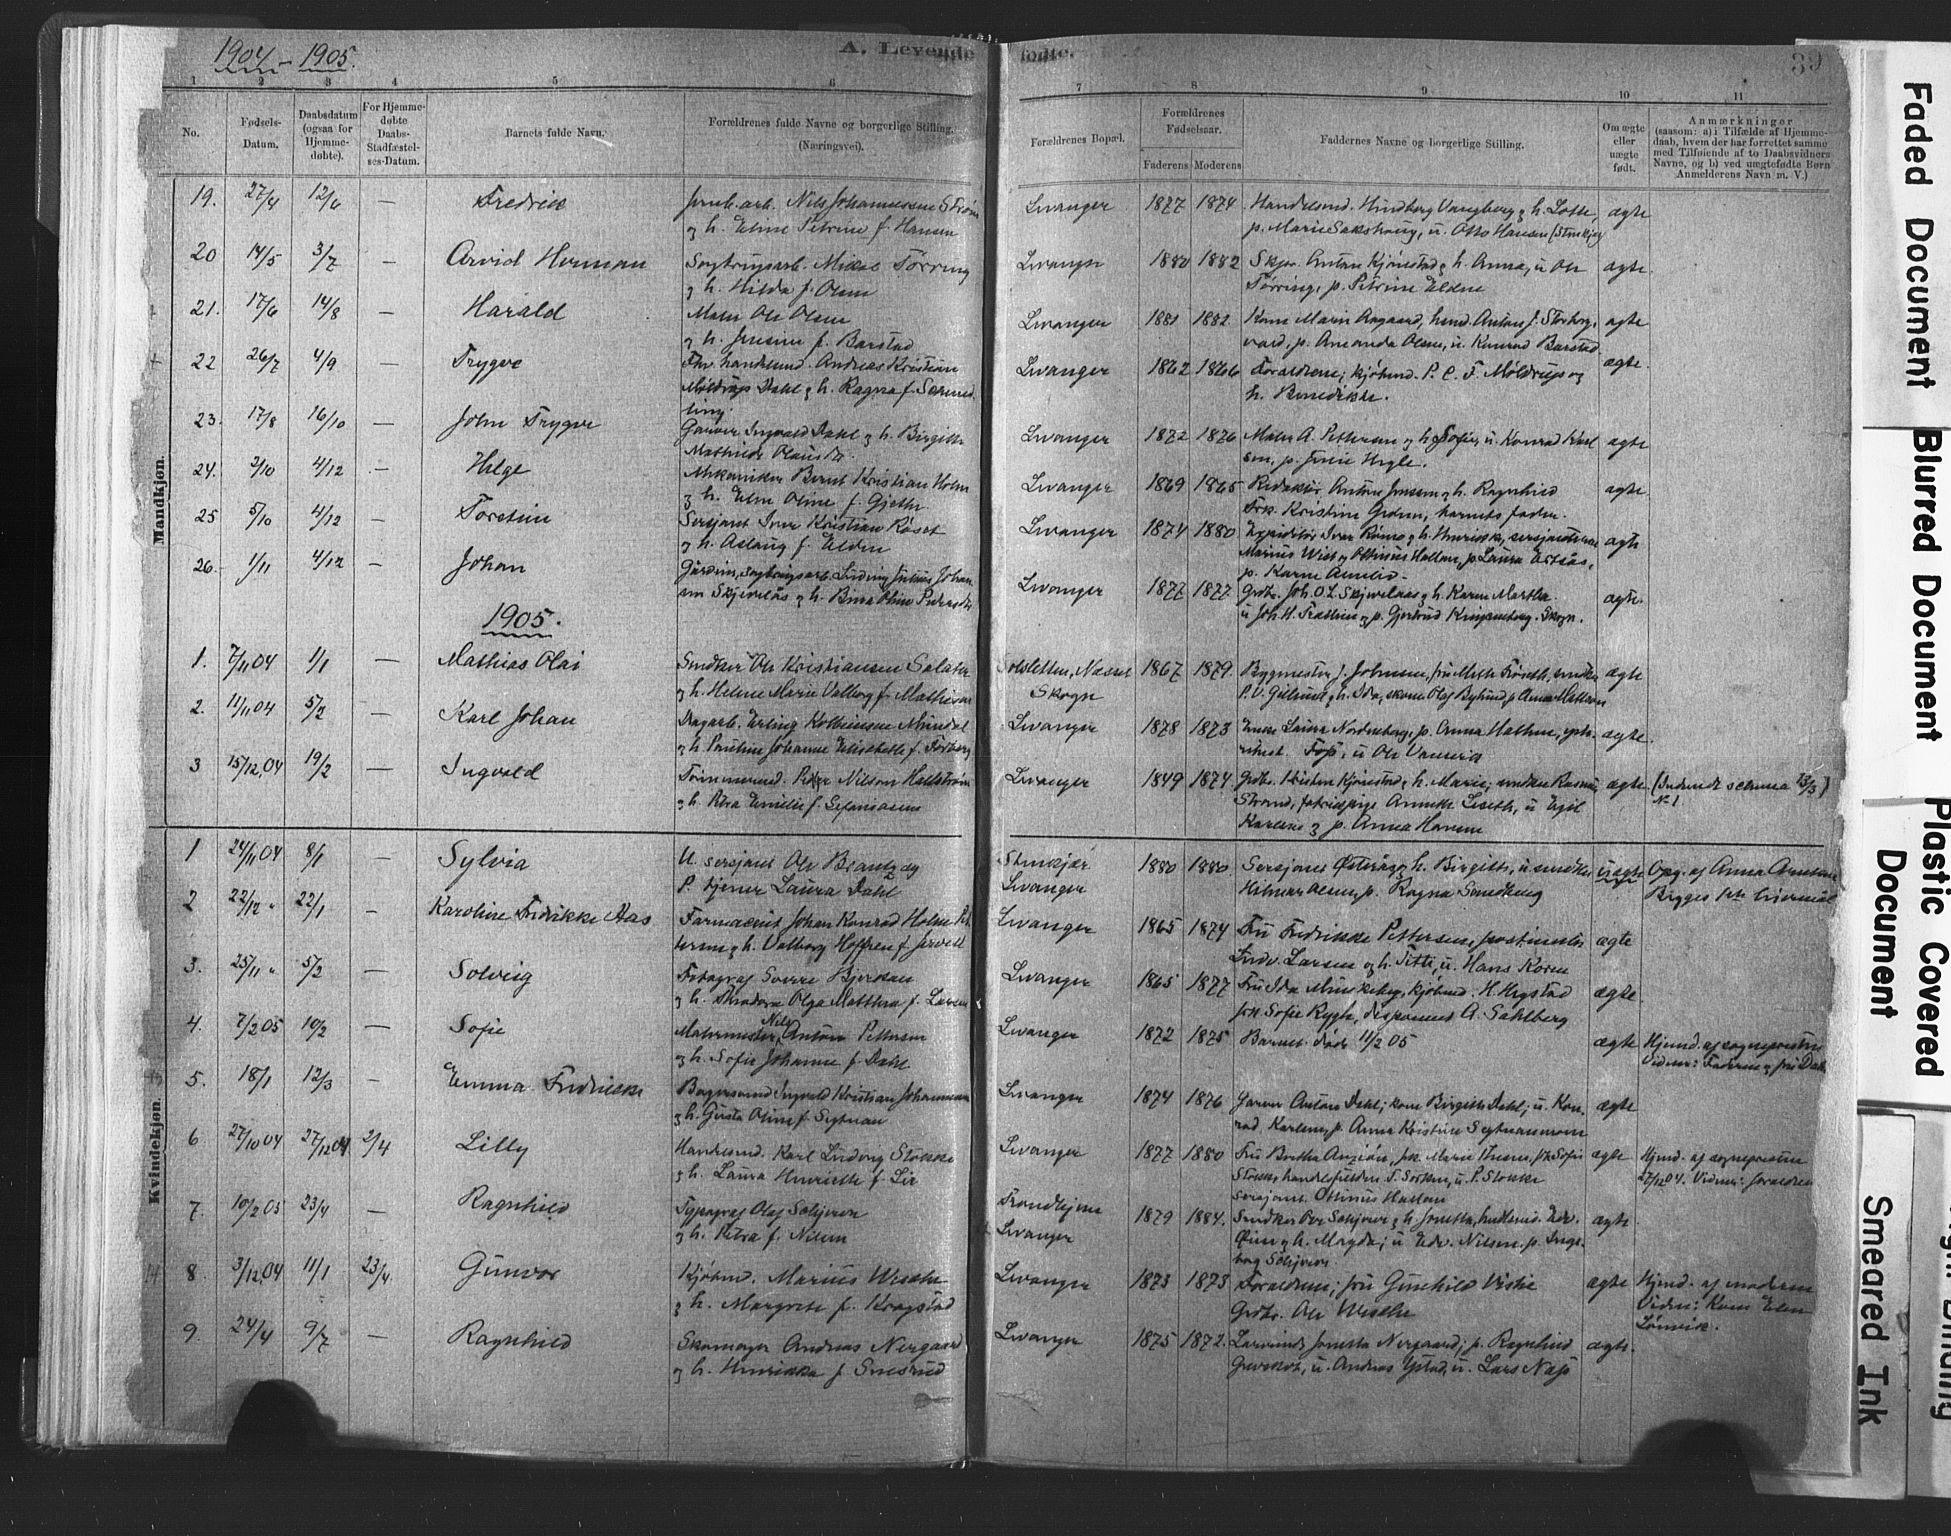 SAT, Ministerialprotokoller, klokkerbøker og fødselsregistre - Nord-Trøndelag, 720/L0189: Ministerialbok nr. 720A05, 1880-1911, s. 39